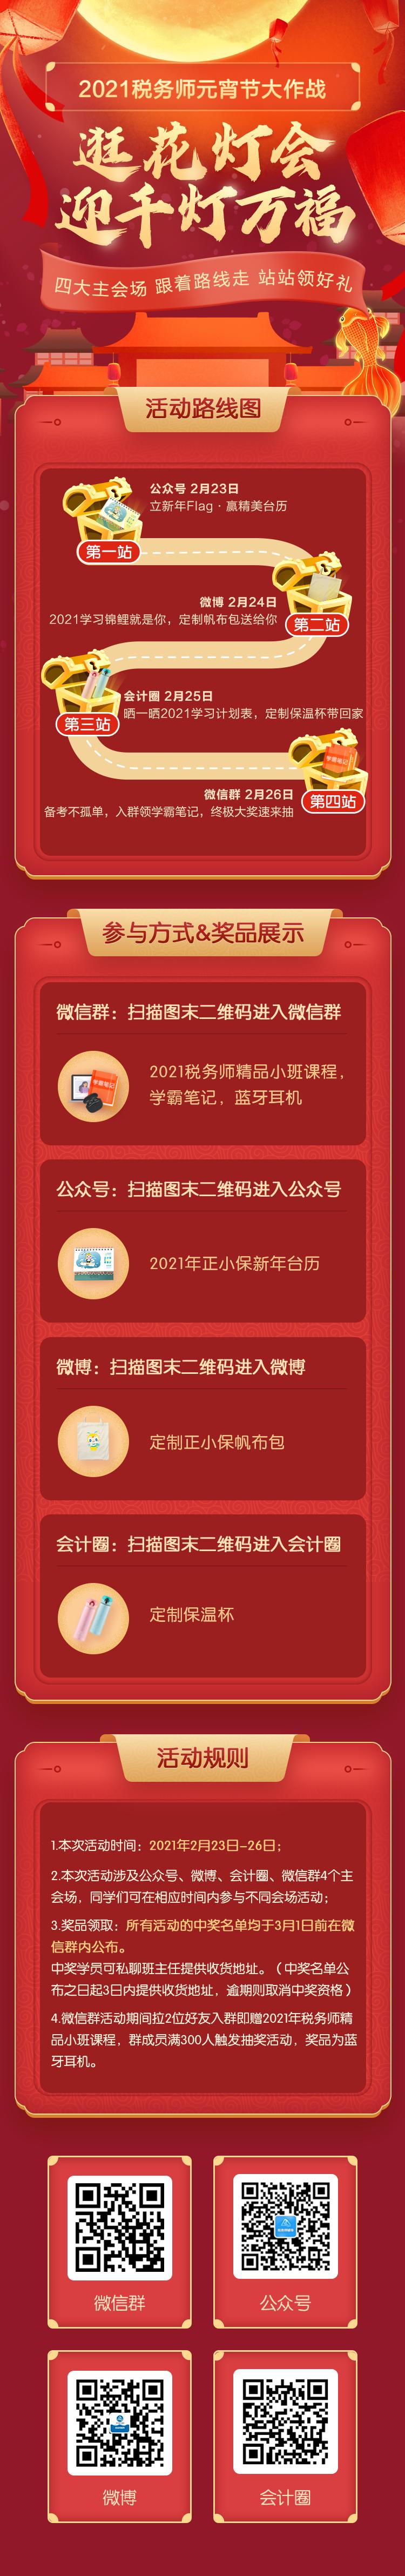 2021税务师元宵节大作战活动长图